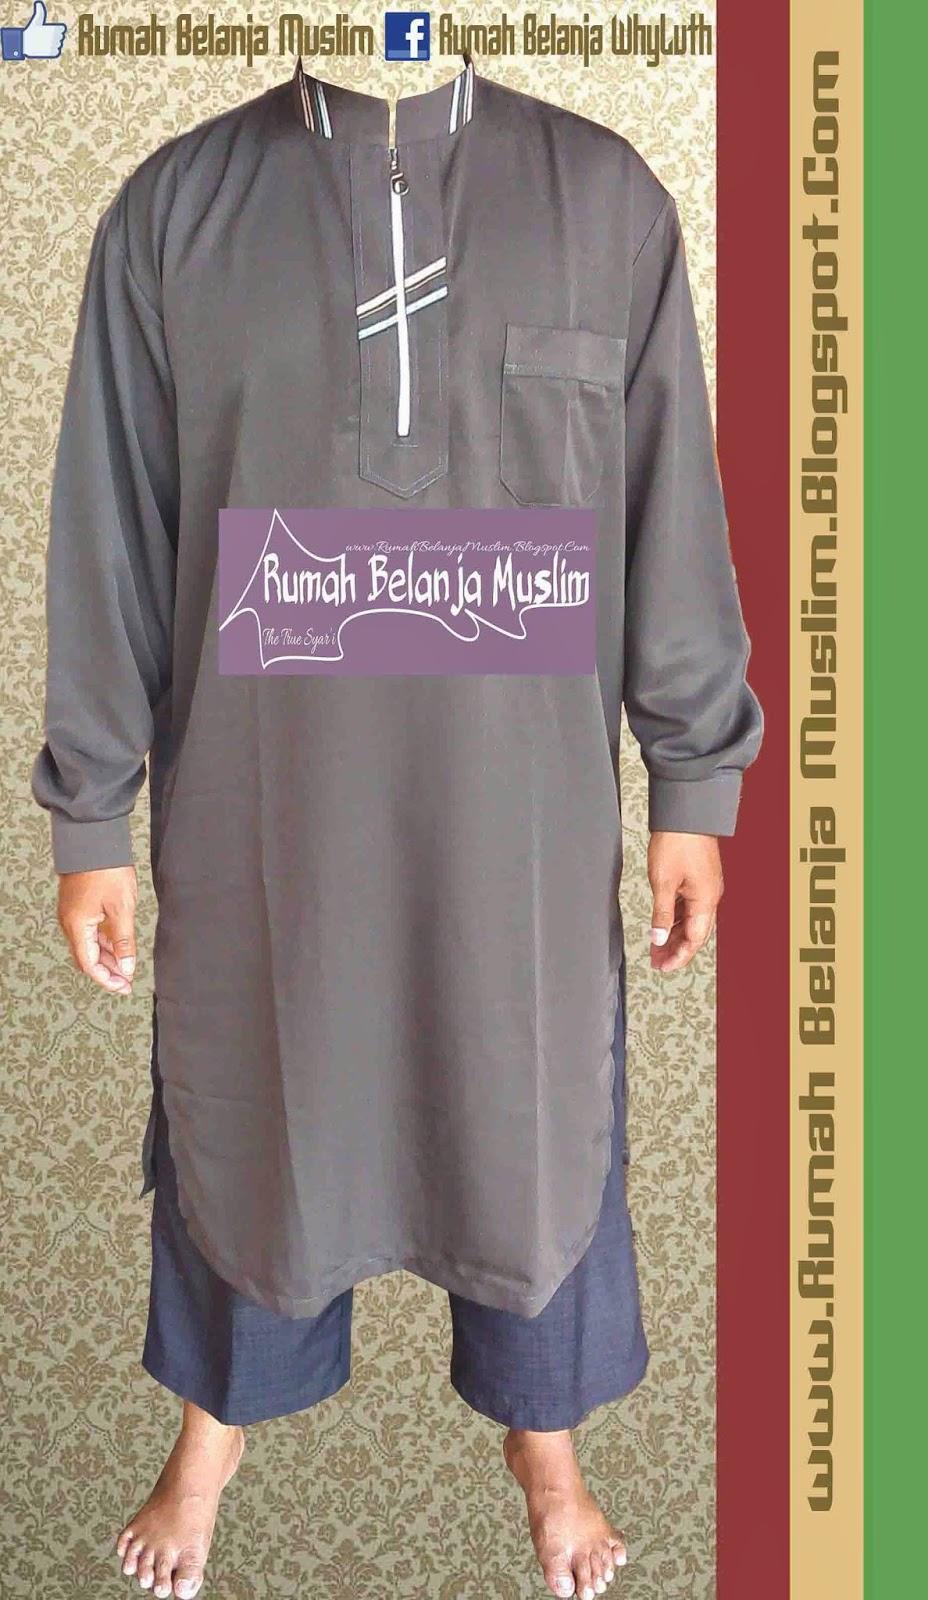 Rumah Belanja Muslim